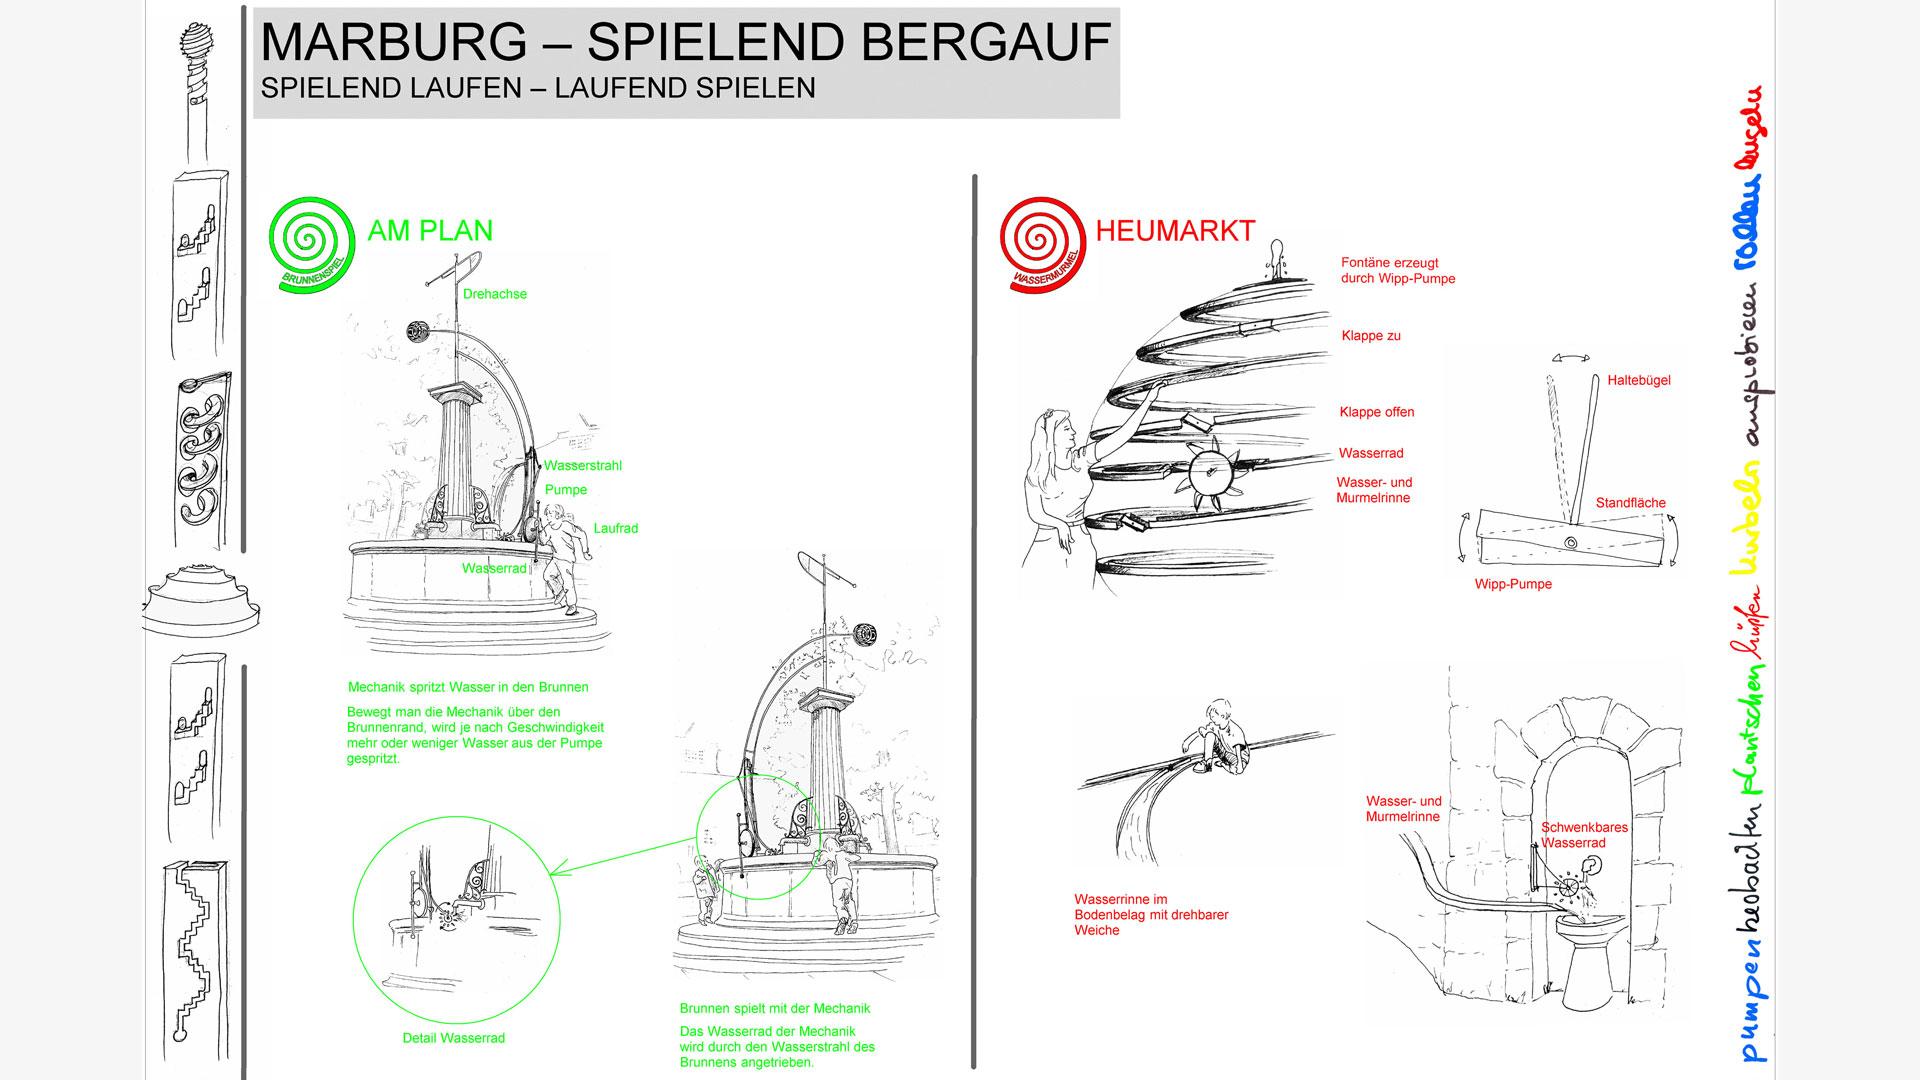 WB_Marburg_Oberstadt_06